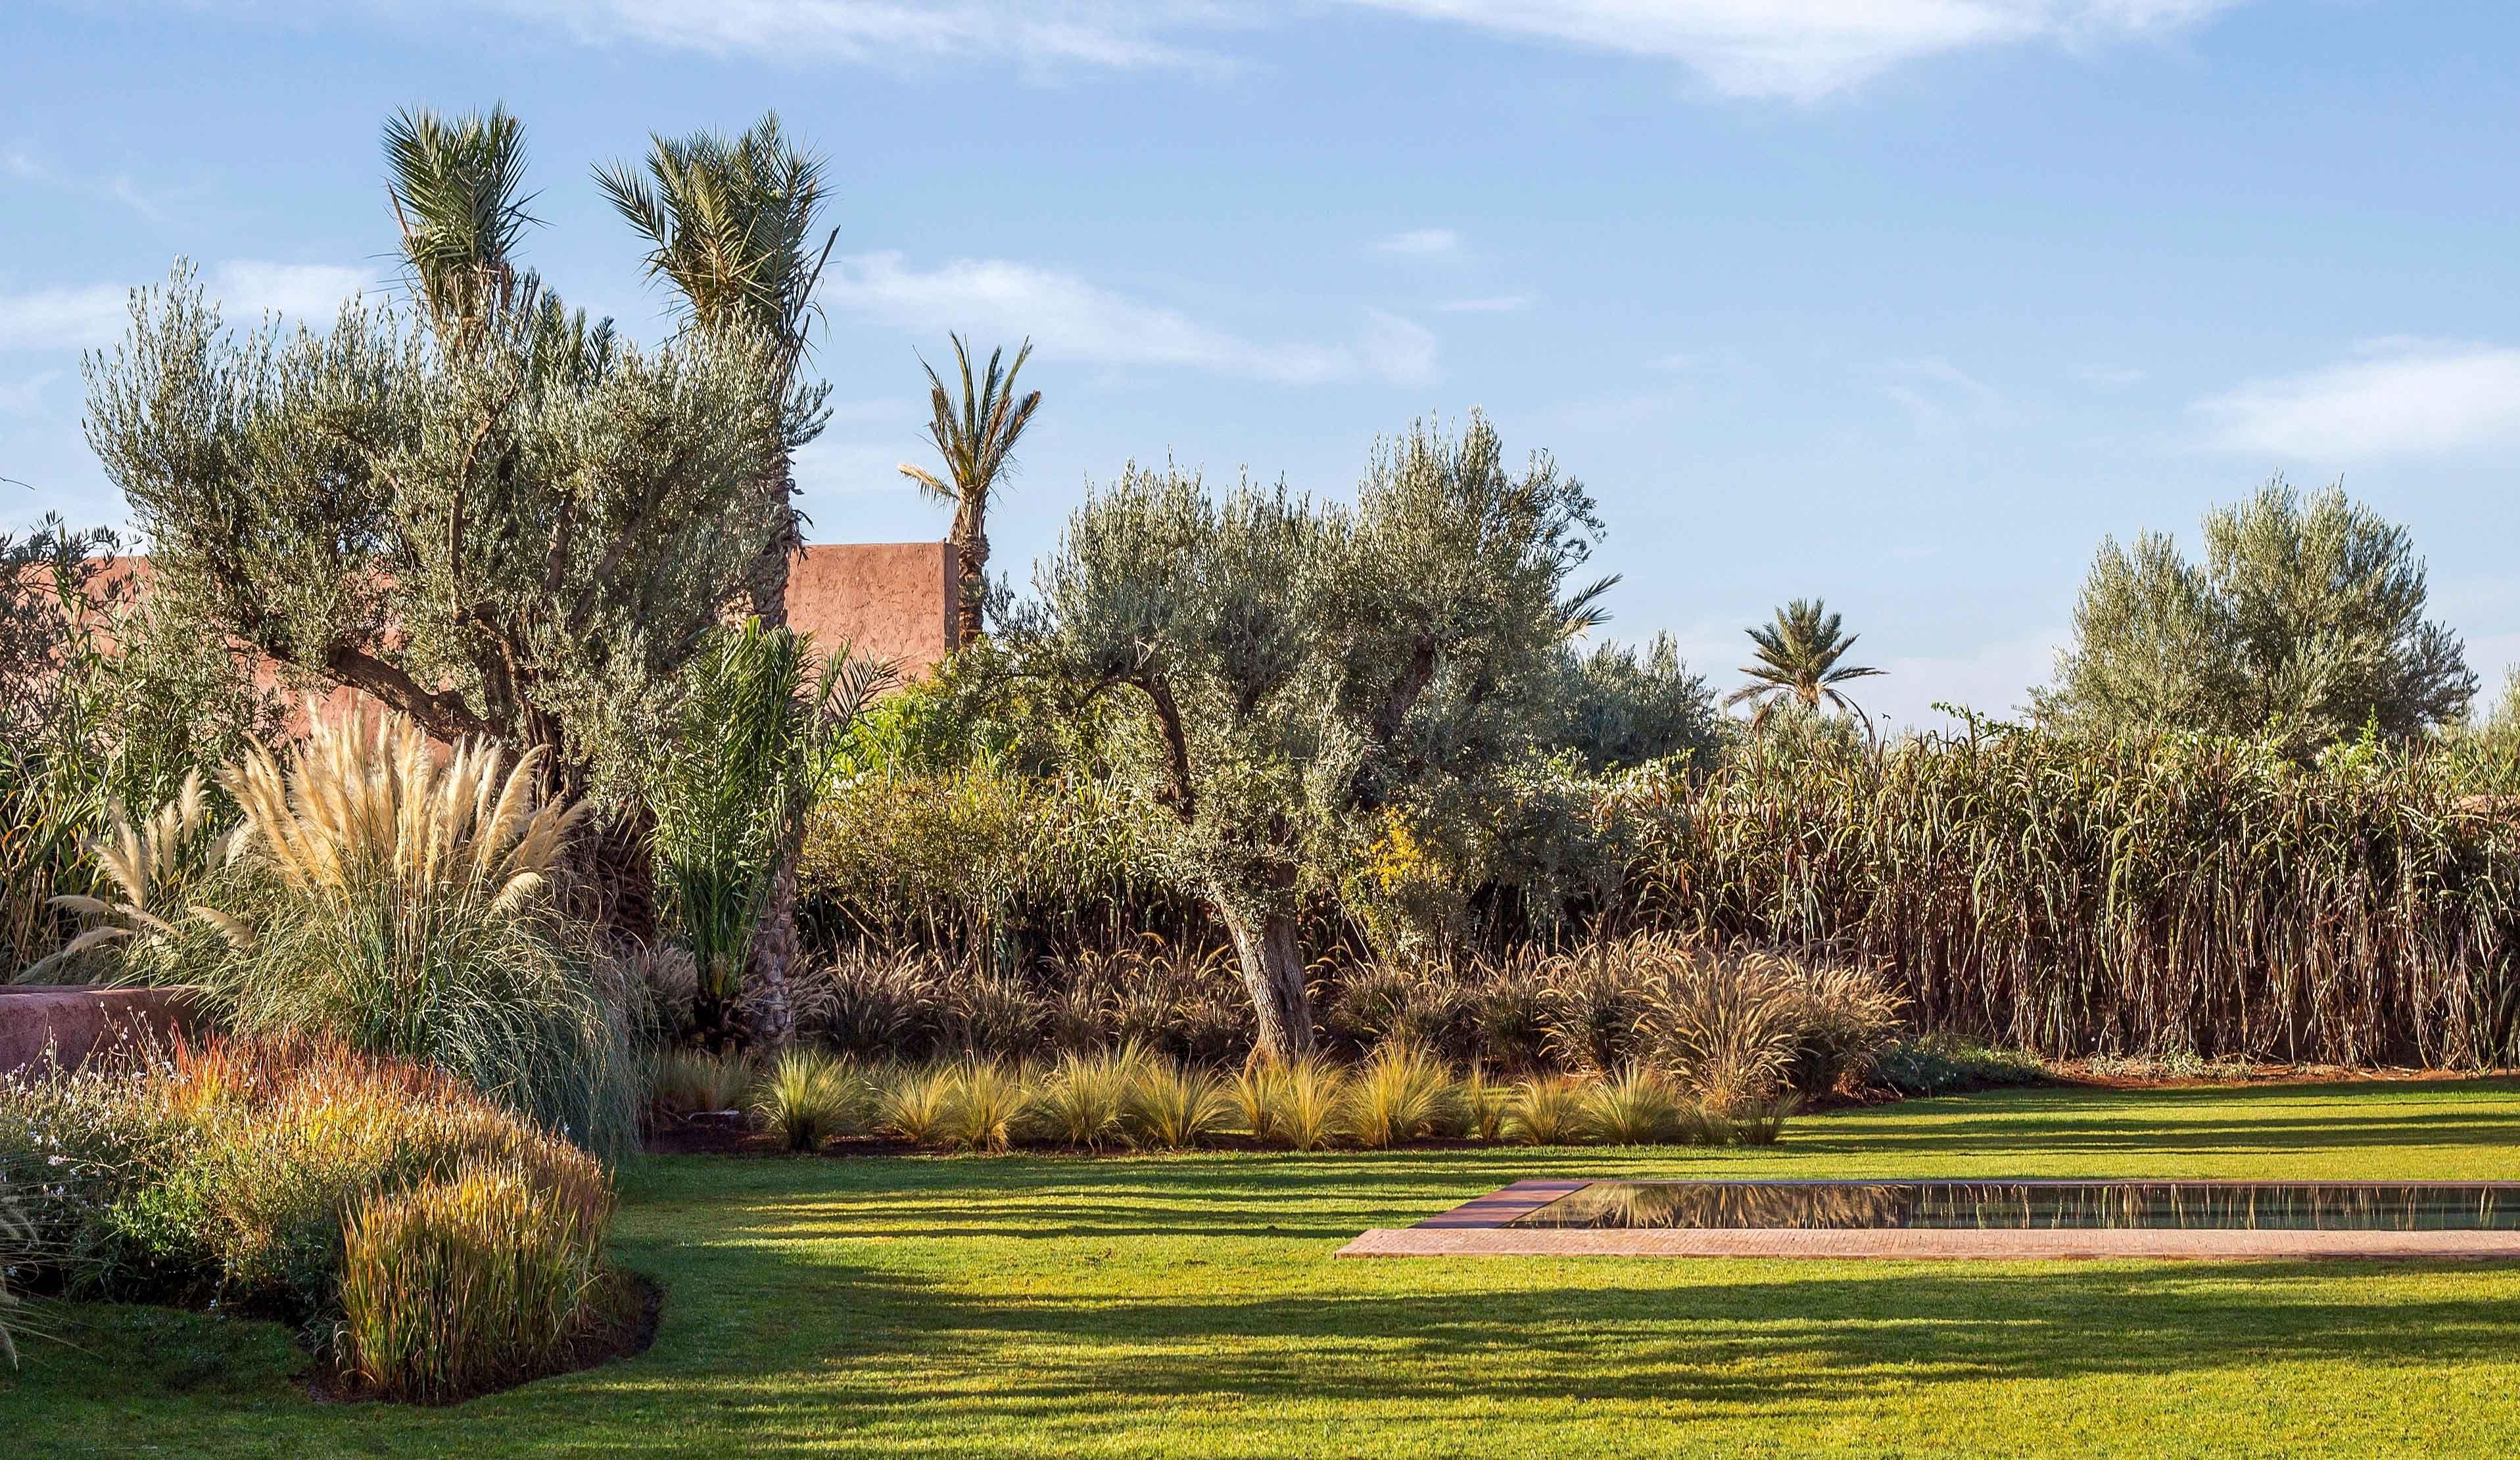 Epingle Par Atelier Klp Sur Kliphuis En 2020 Paysagiste Jardin Paysager Architecte Paysagiste